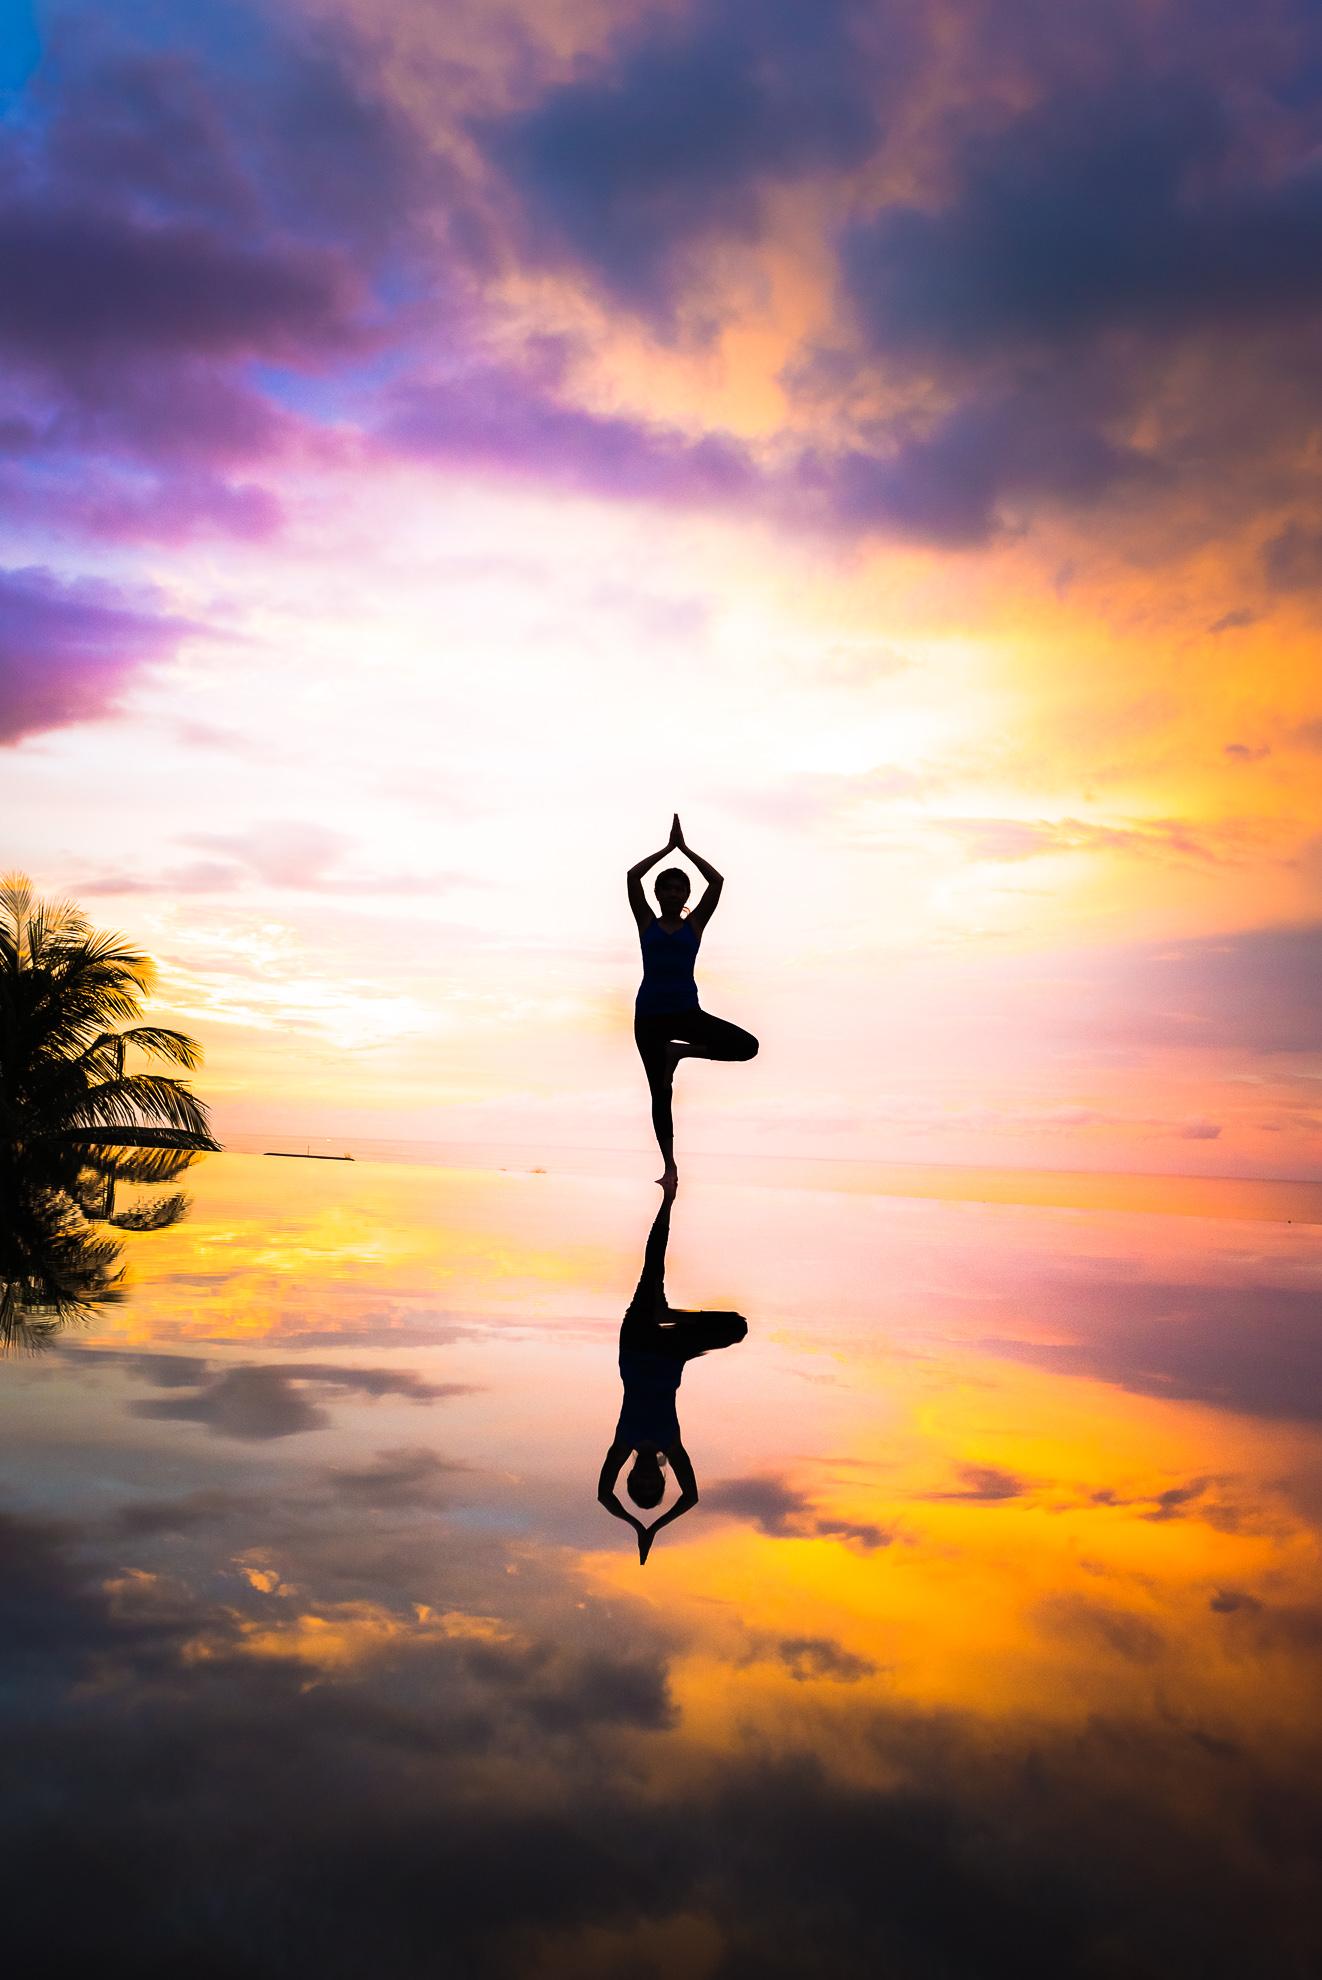 โยคะภูเก็ต, โยคะครูหนิง, ครูหนิงโยคะ, healthyningyoga, yogaphuket, yoga